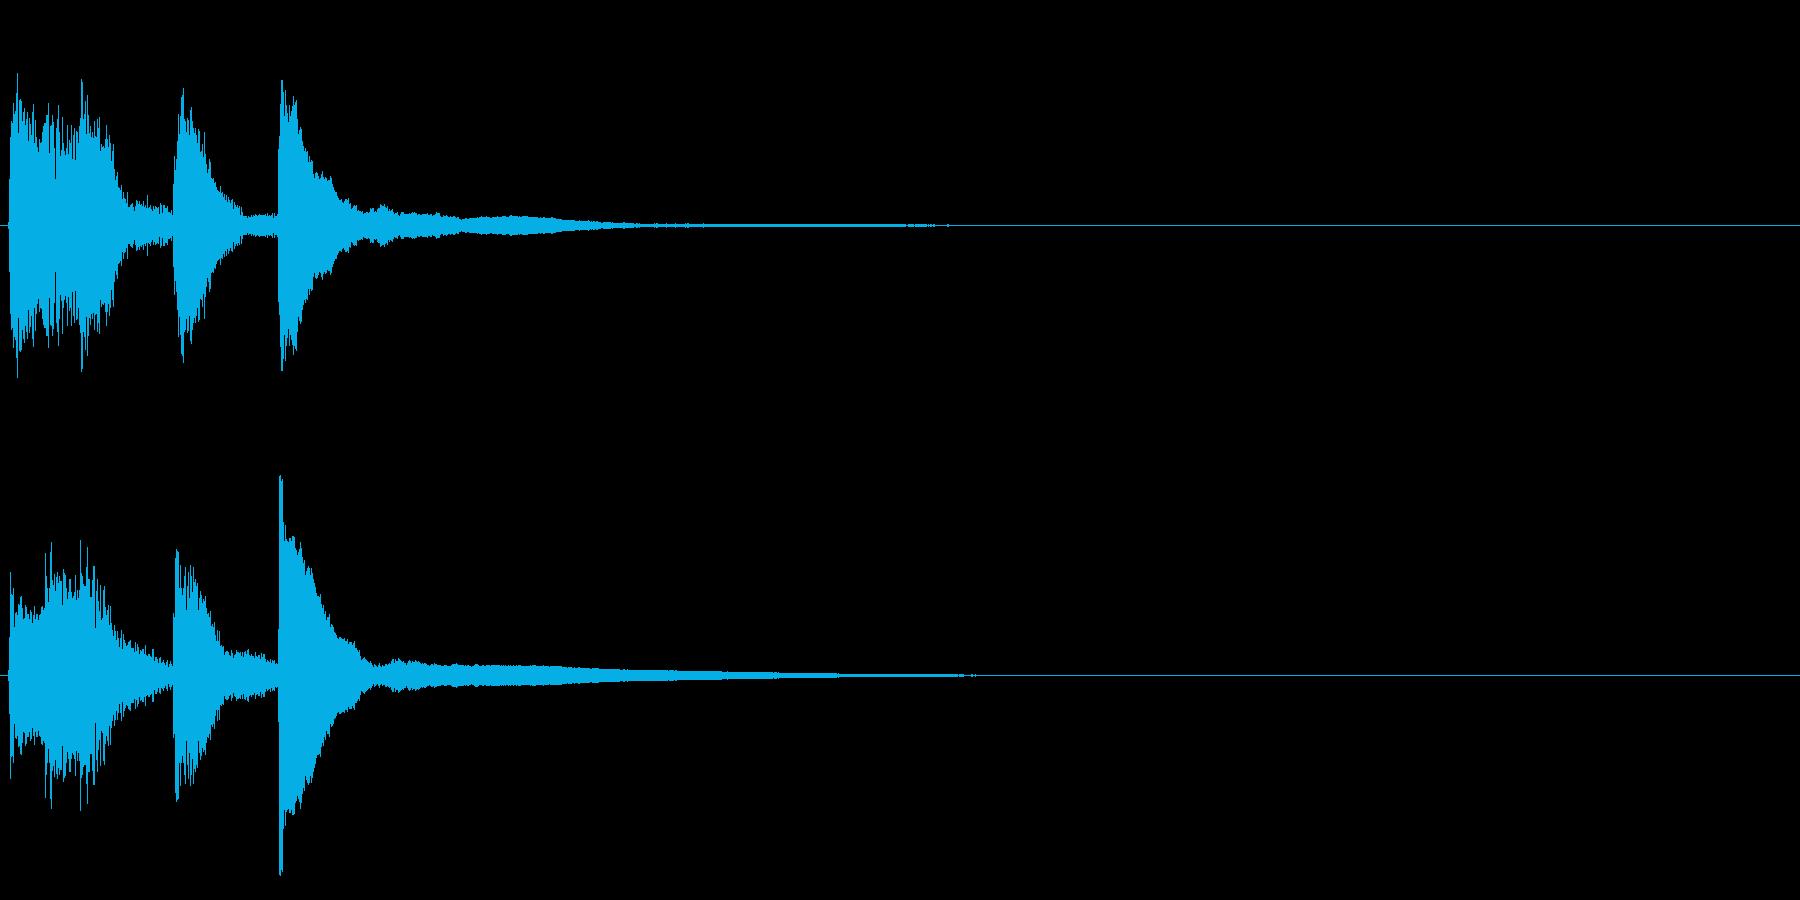 サウンドロゴ(企業ロゴ)_023の再生済みの波形